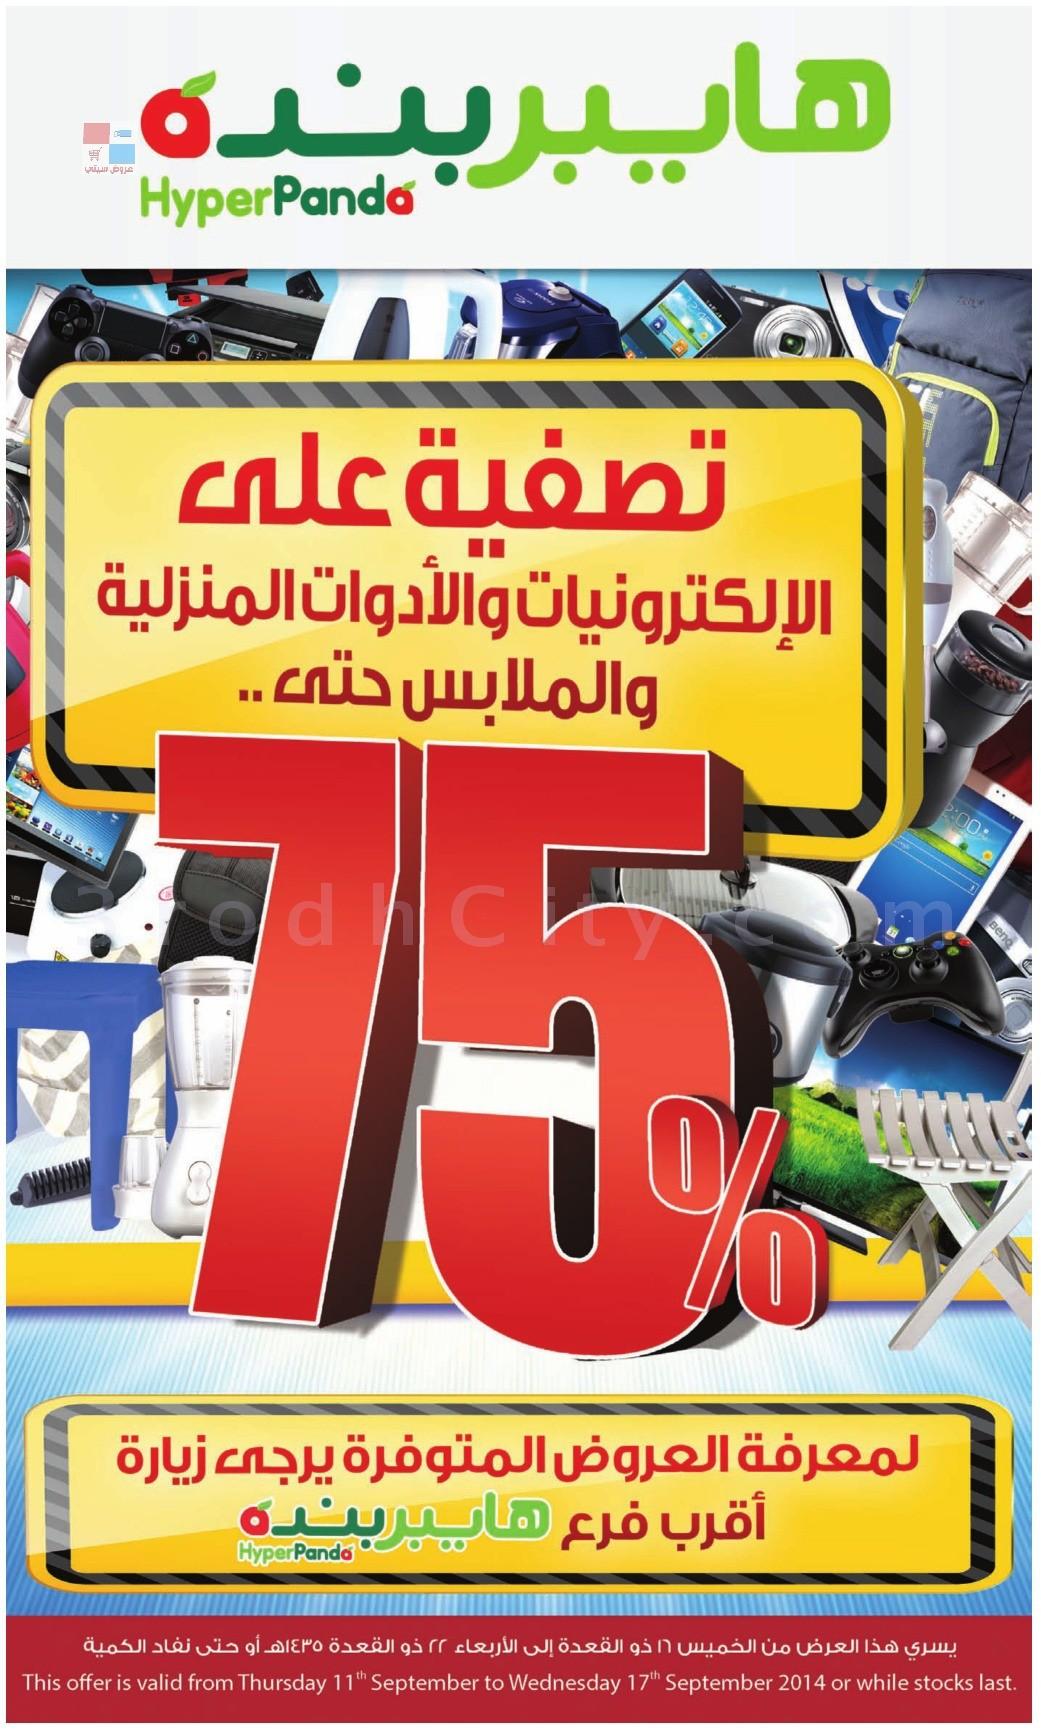 عروض هايبربنده تصفية على الإلكترونيات والأدوات المنزلية والملابس حتى 75% nO9iwj.jpg